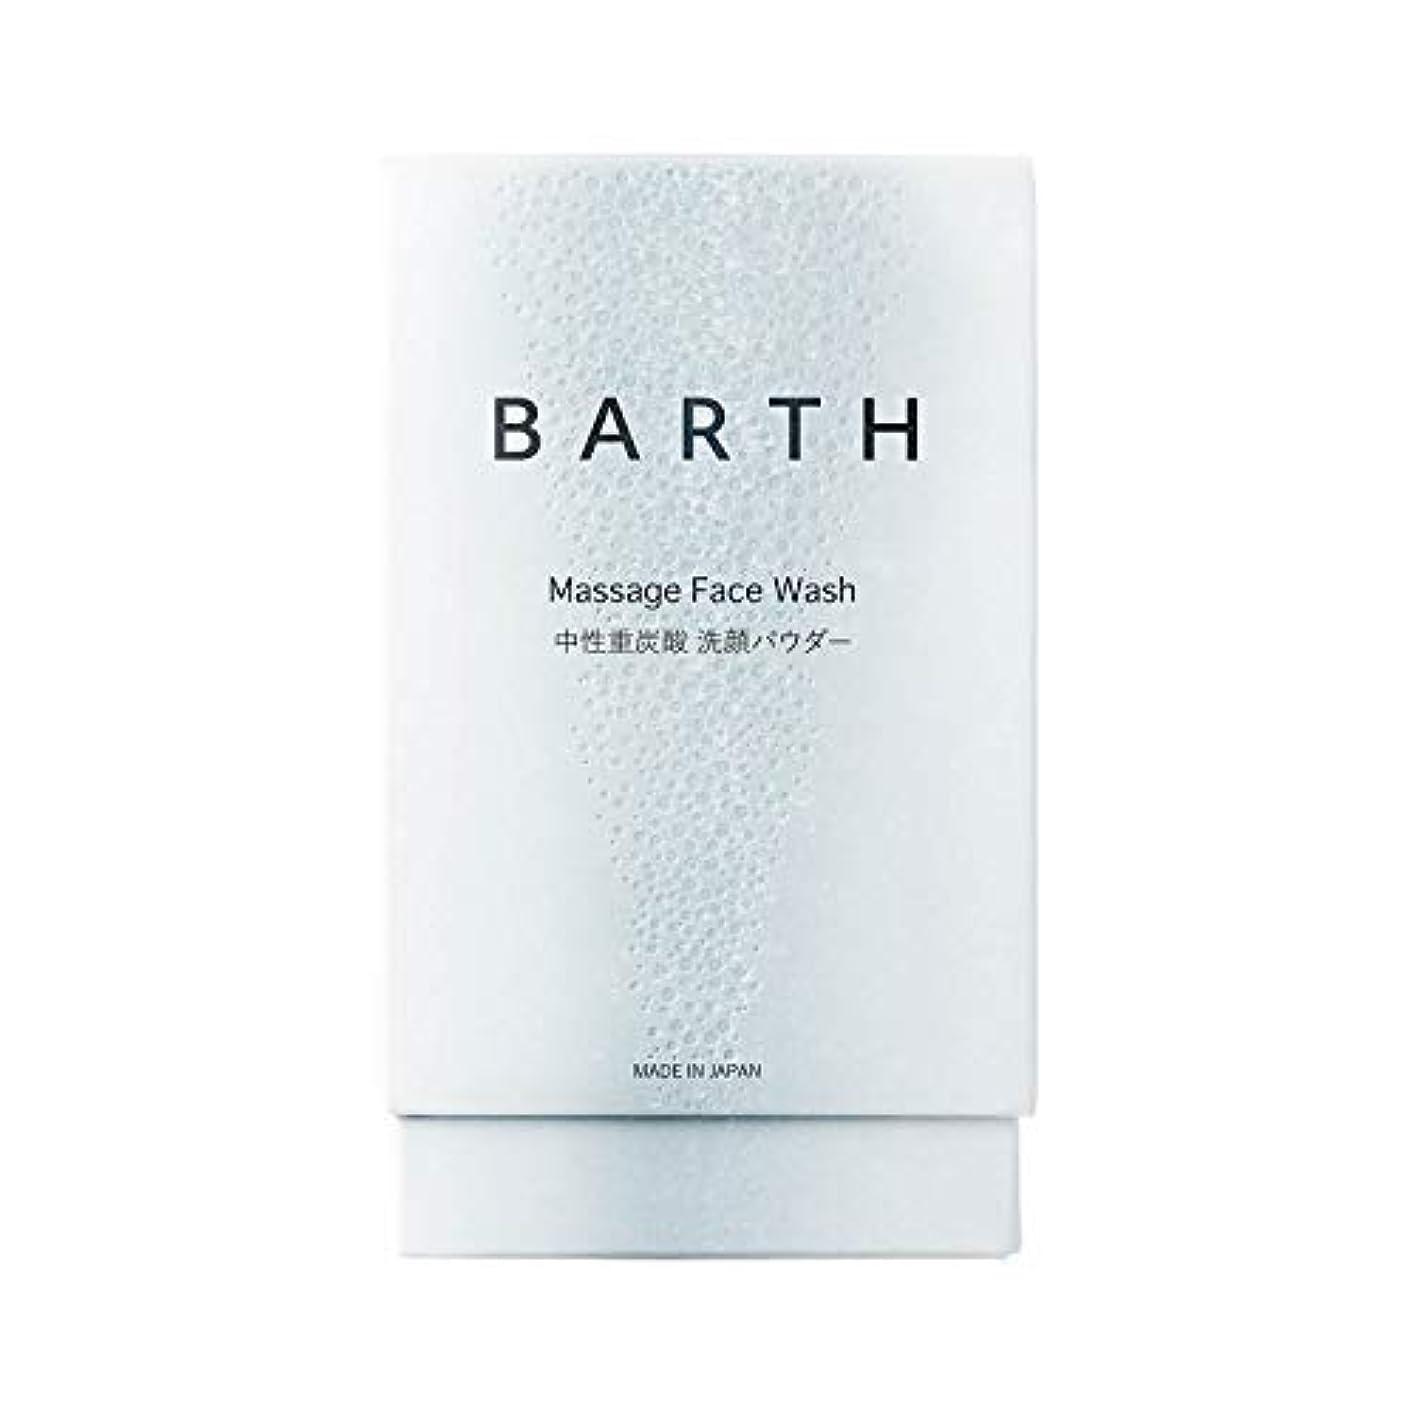 私達乱れ過言BARTH【バース】中性 重炭酸 洗顔パウダー 30包タイプ(無添加 炭酸パック 洗顔料 個包装タイプ)